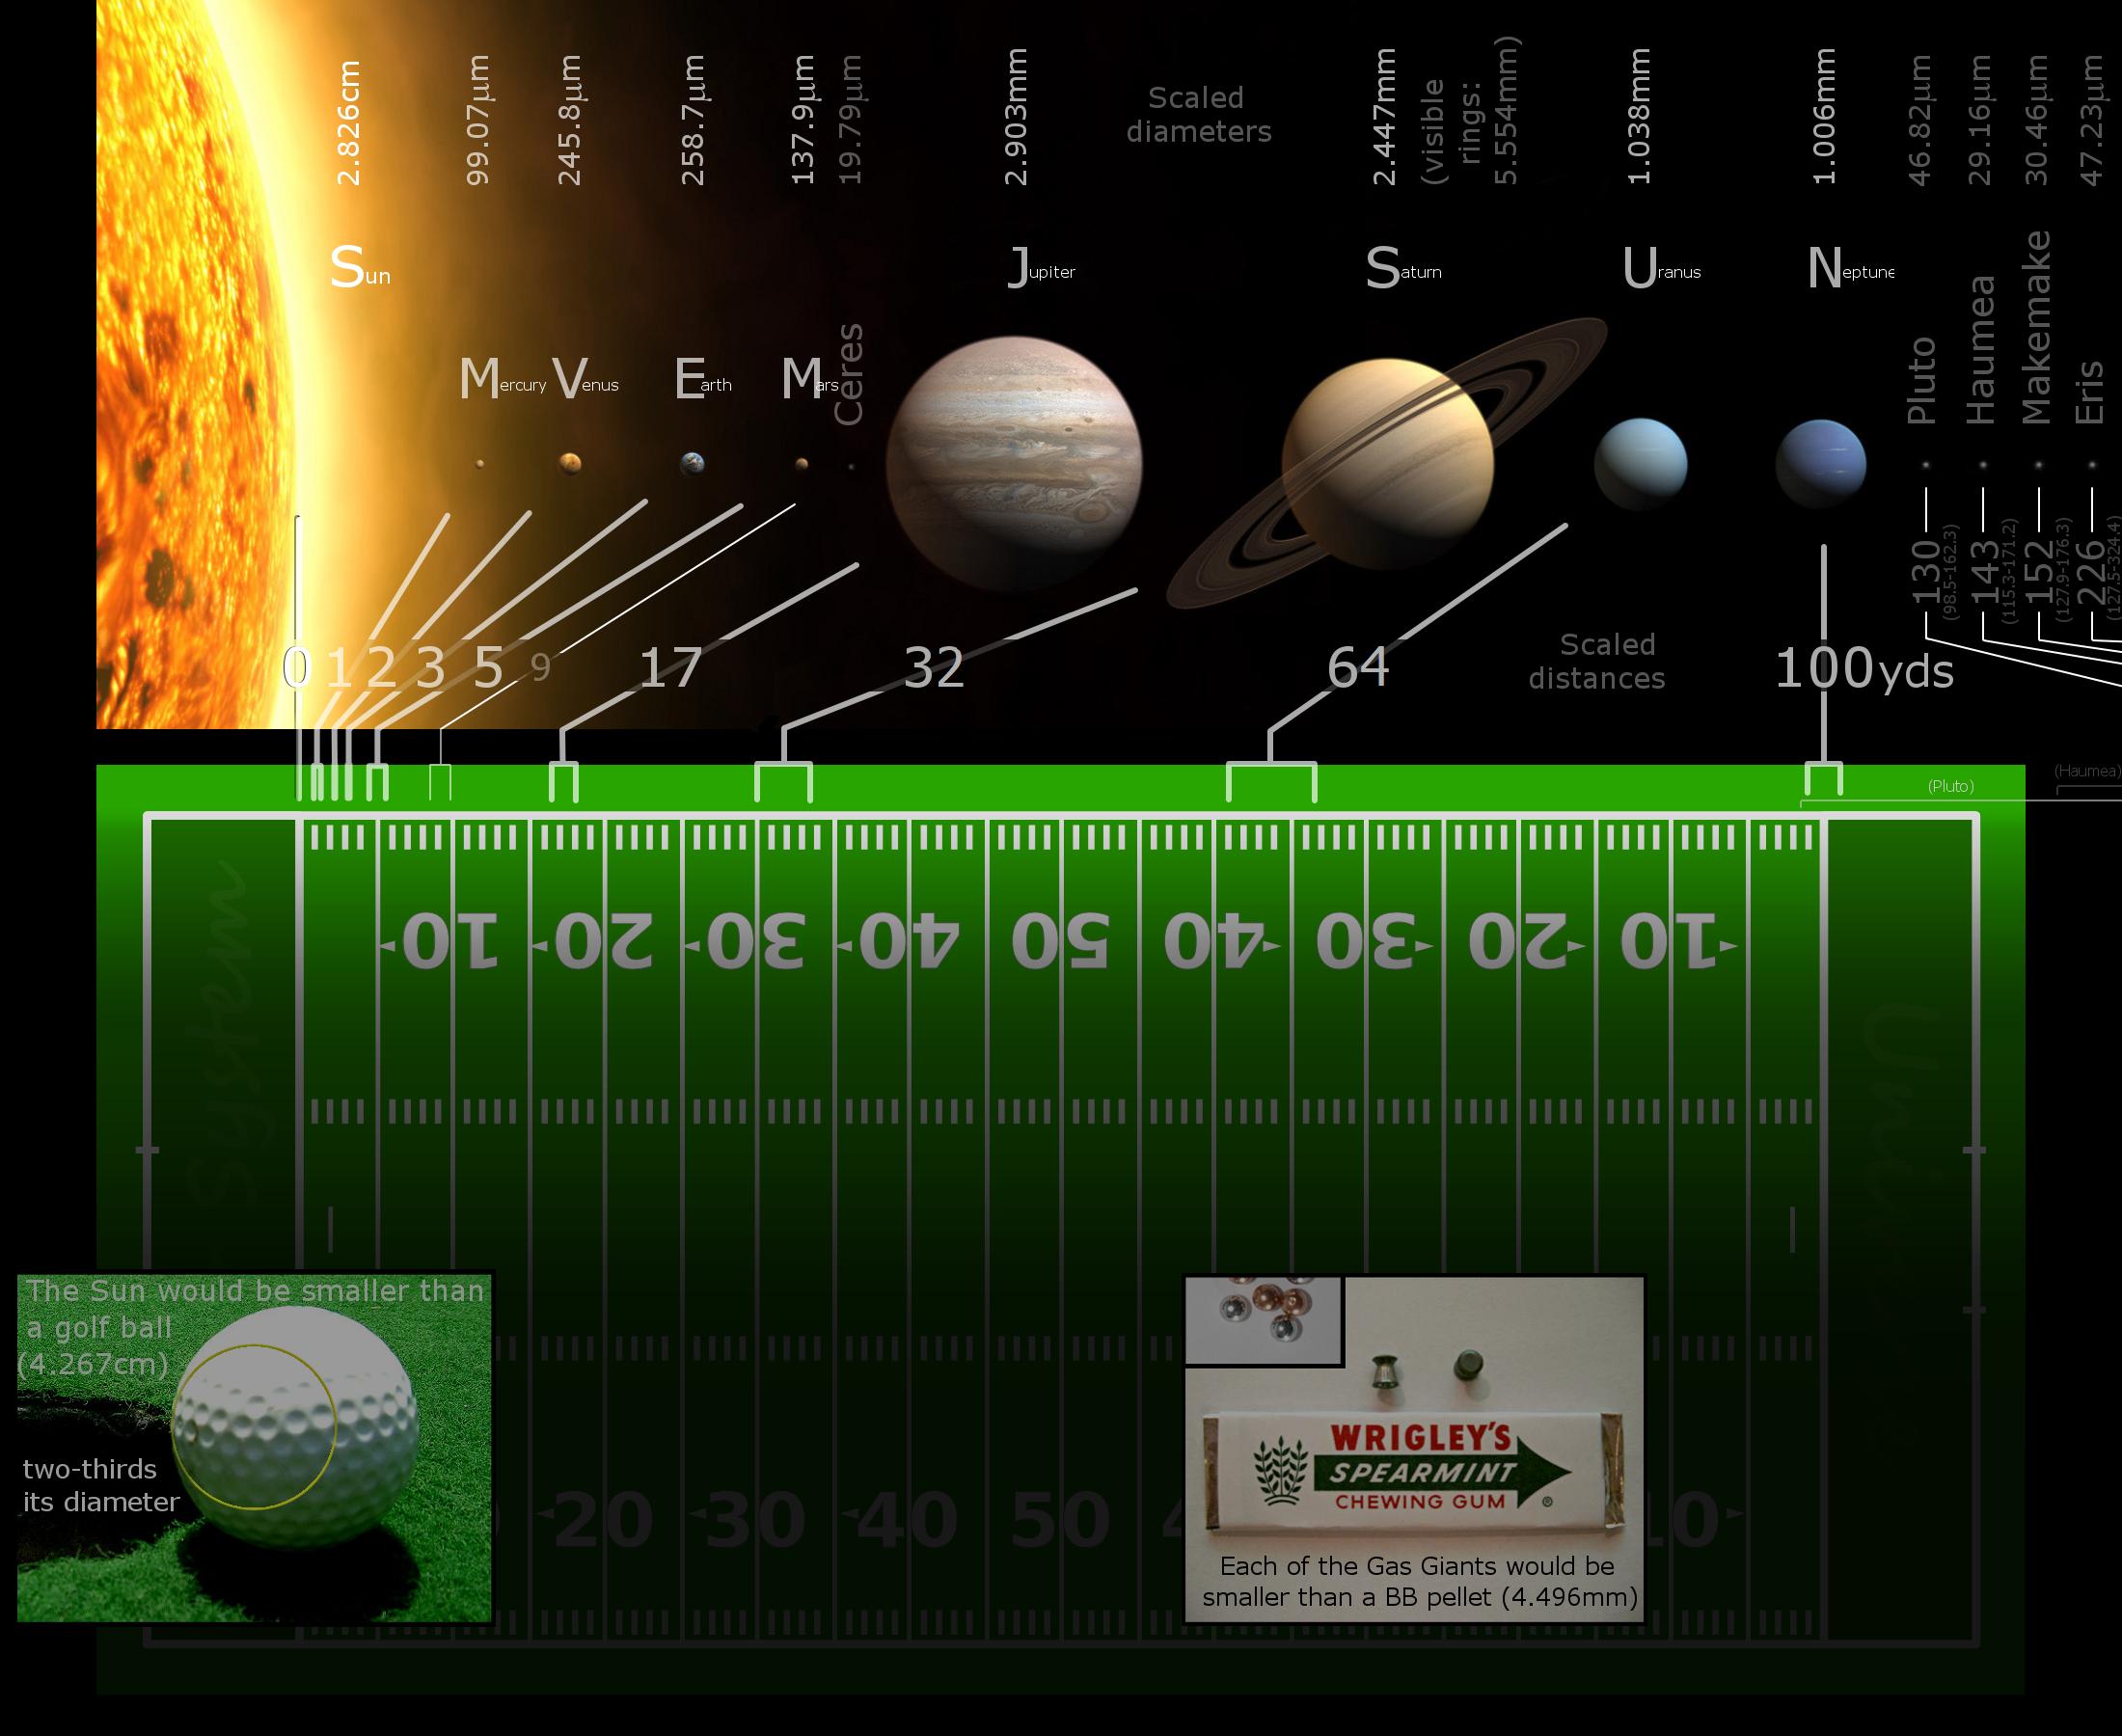 solar system distances au - photo #6